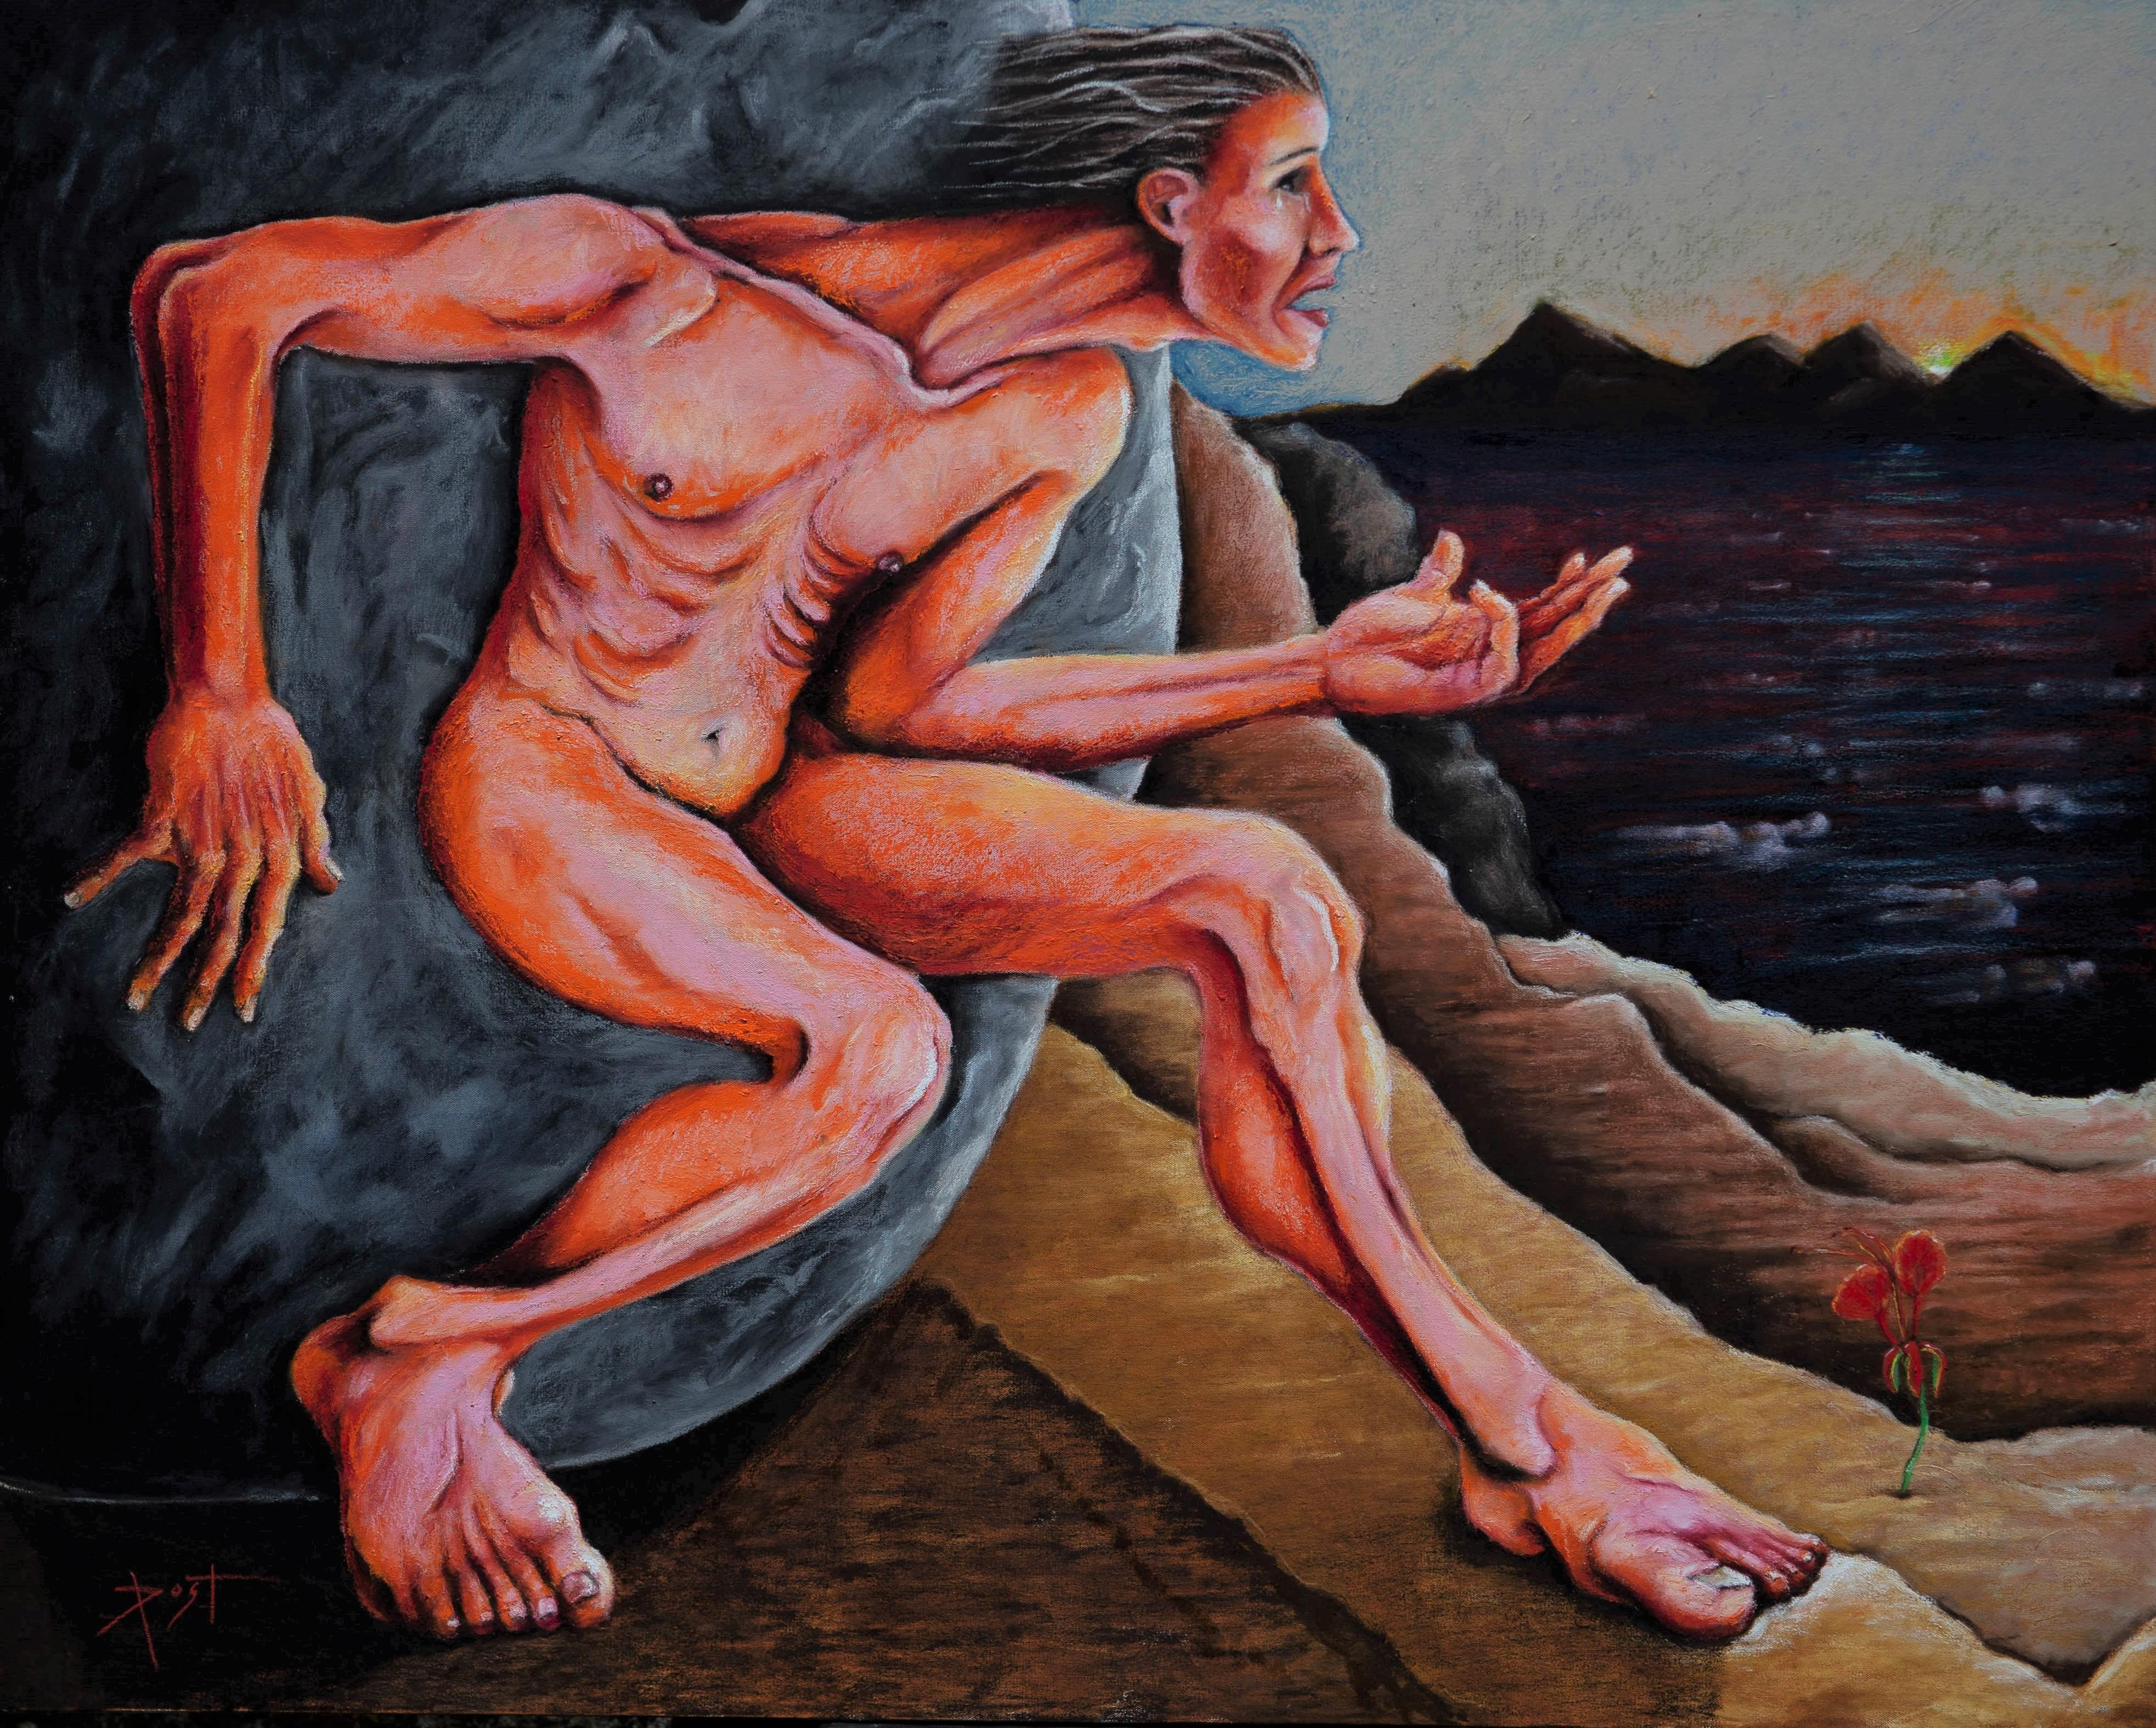 Sisyphus Wept